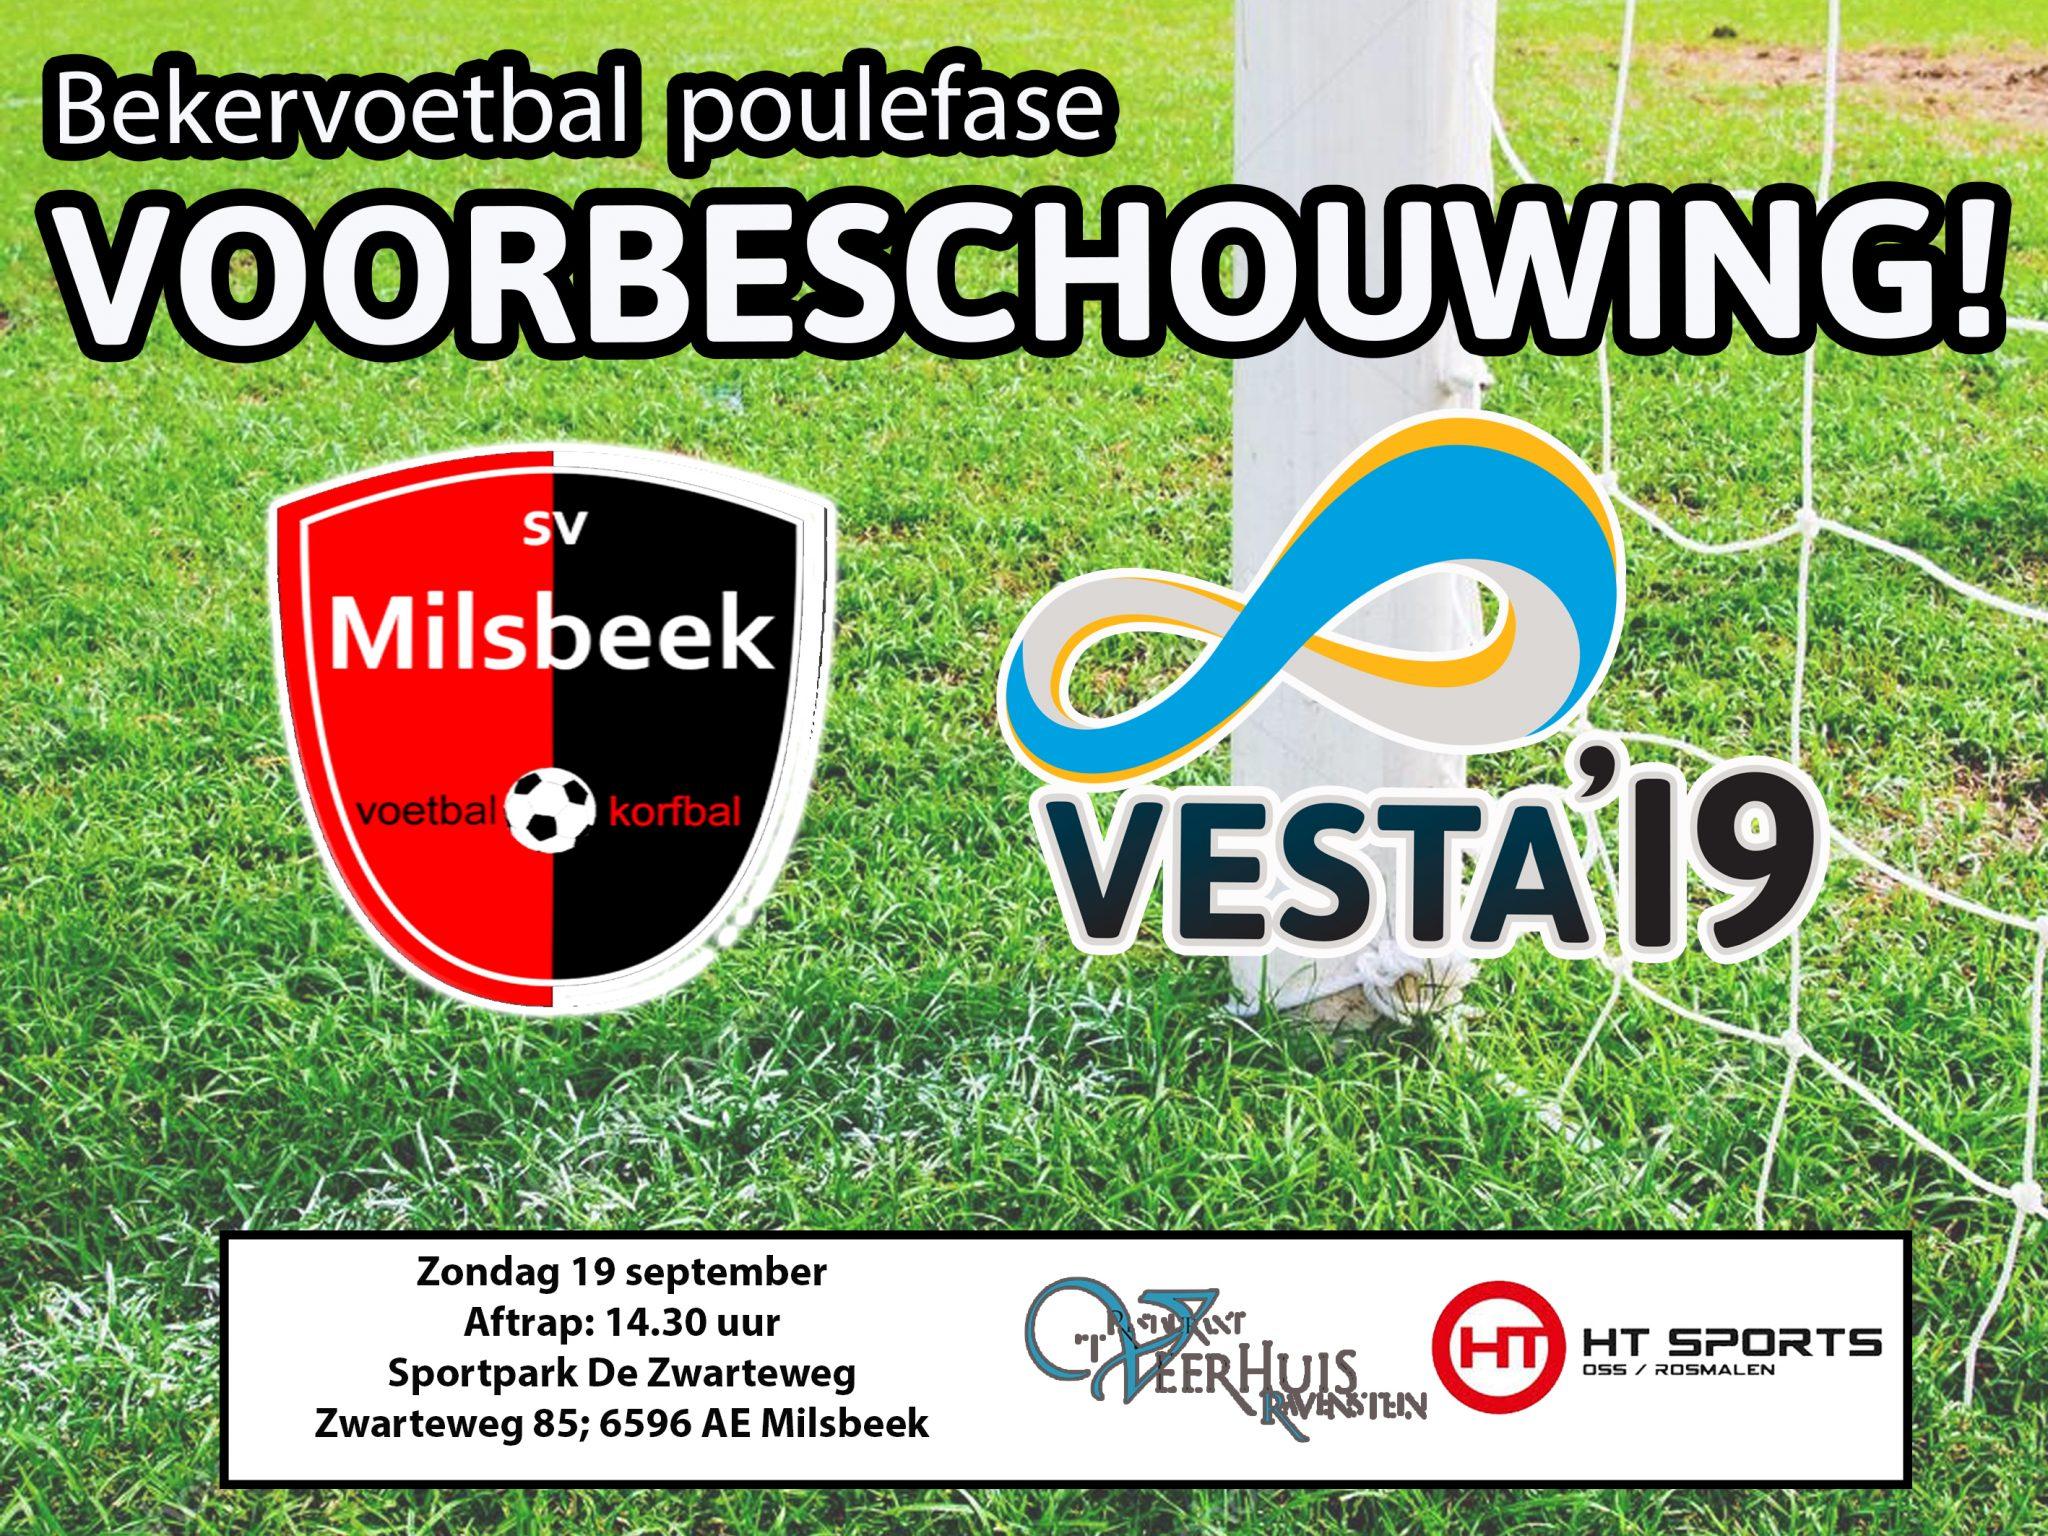 Voorbeschouwing Milsbeek 1 - VESTA'19  1